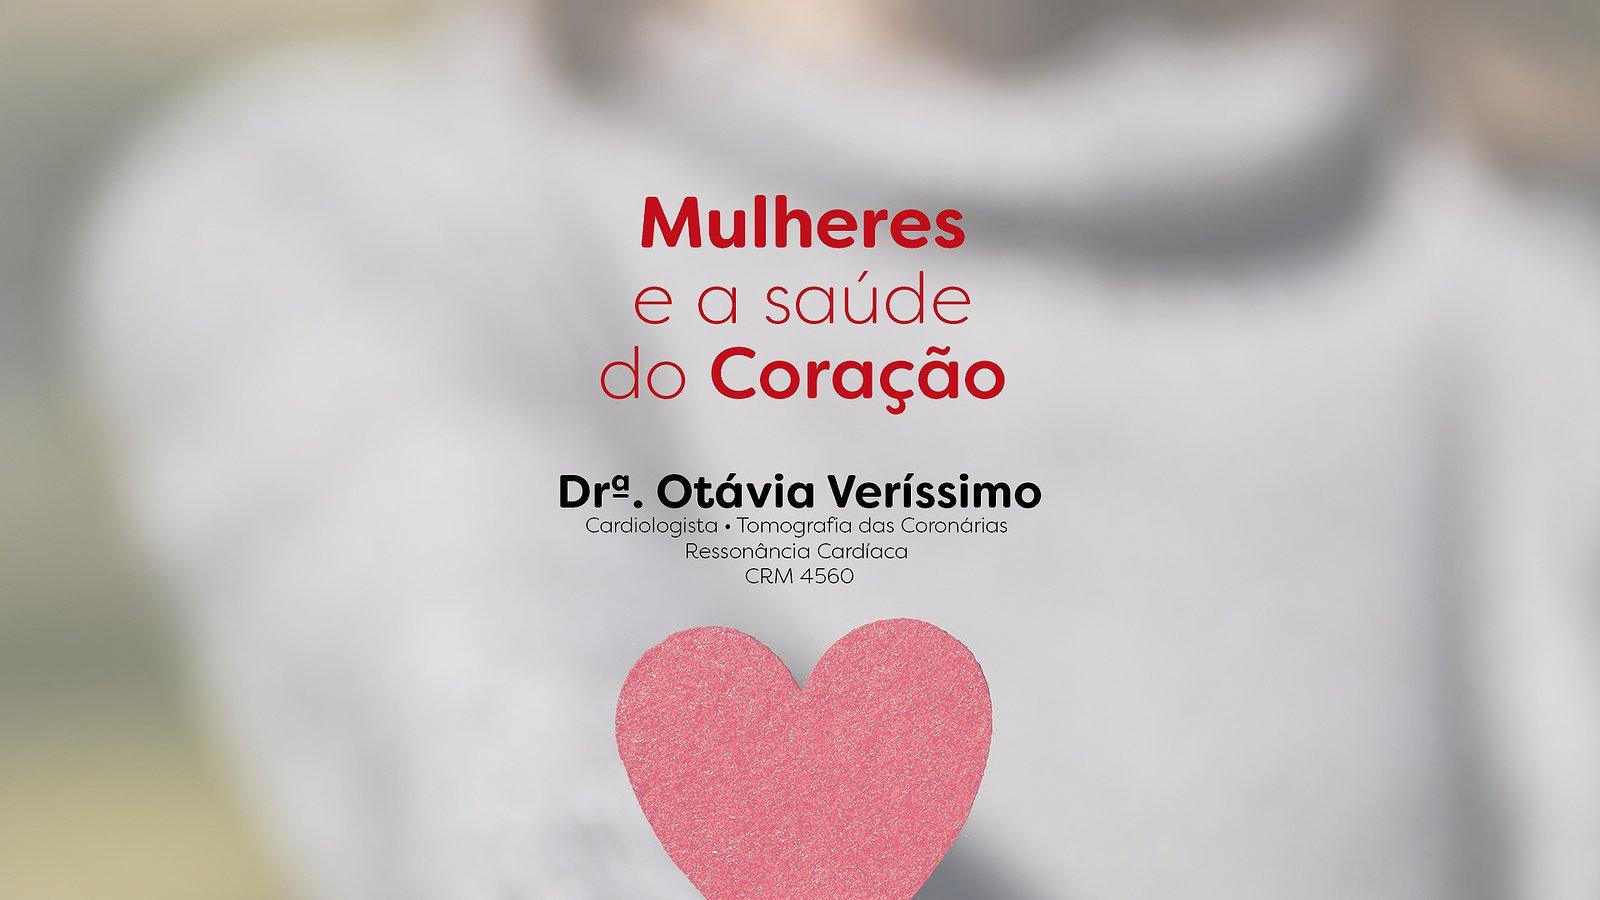 Mulheres e a saúde do Coração